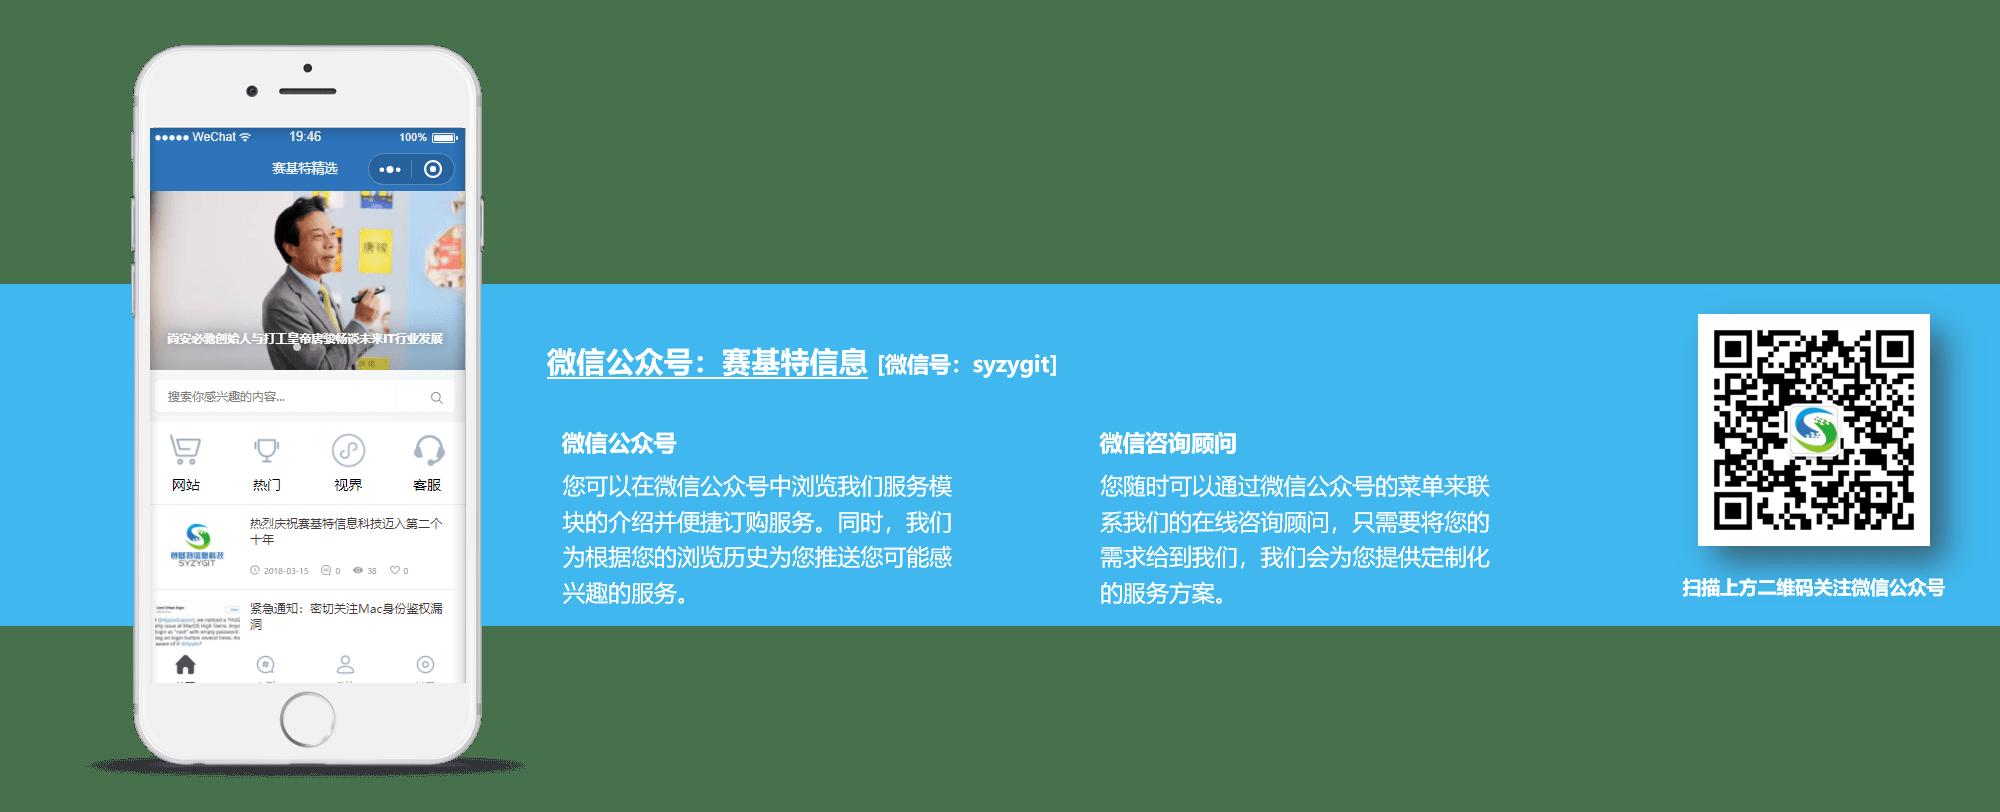 微信公众号-赛基特信息科技